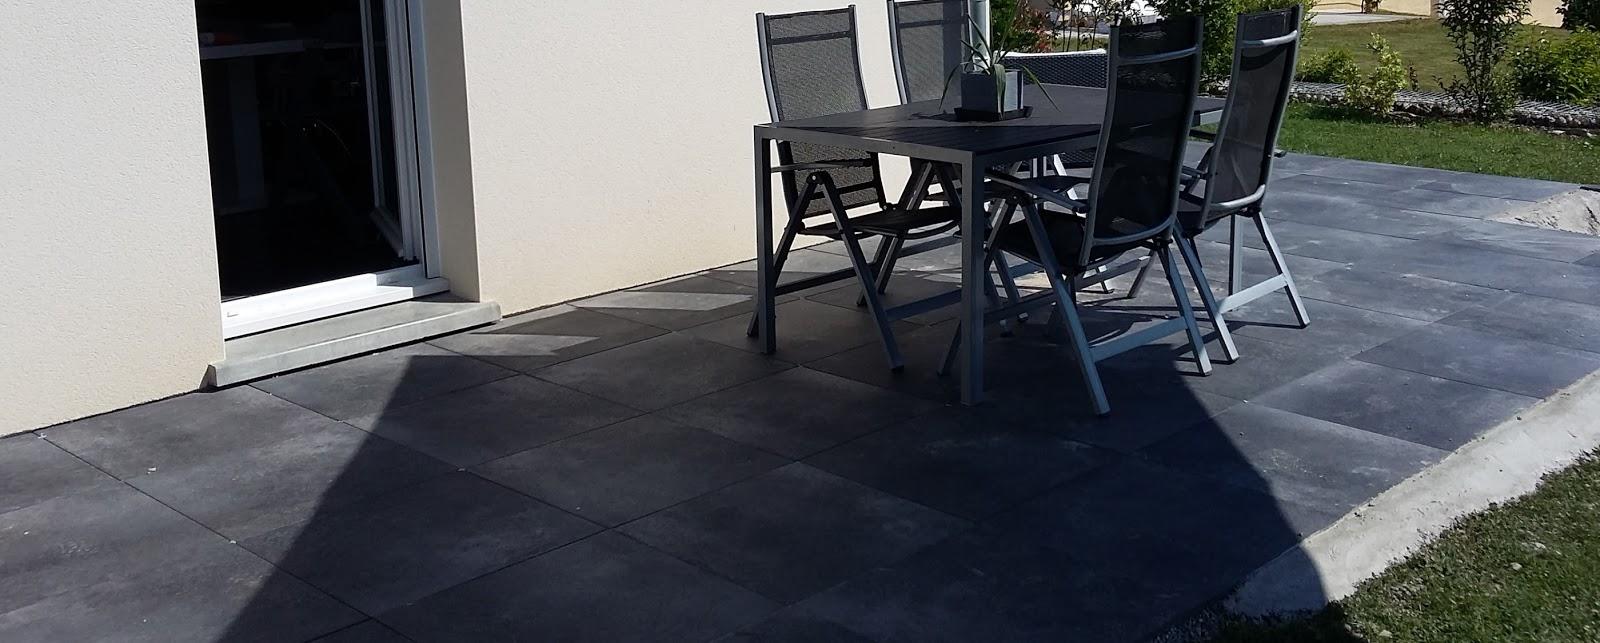 bricolage de l 39 id e la r alisation terrasse design et contemporaine dalles noires. Black Bedroom Furniture Sets. Home Design Ideas